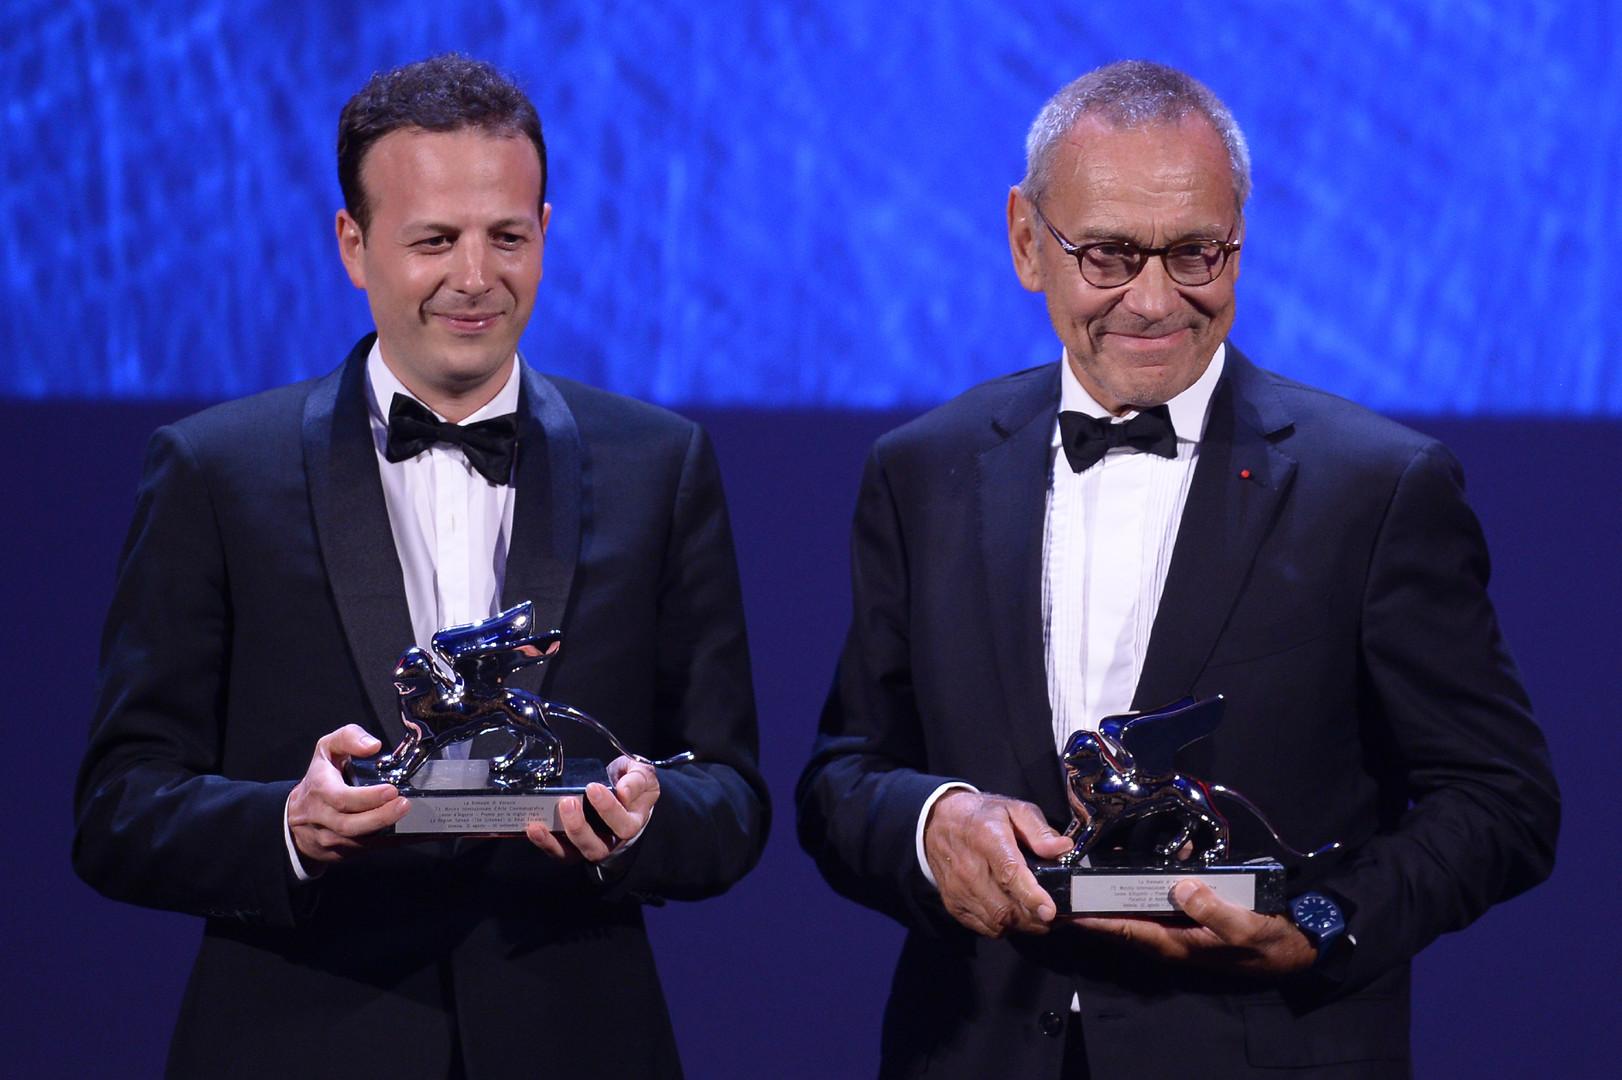 Режиссёры Амат Эскаланте и Андрей Кончаловский на церемонии награждения.